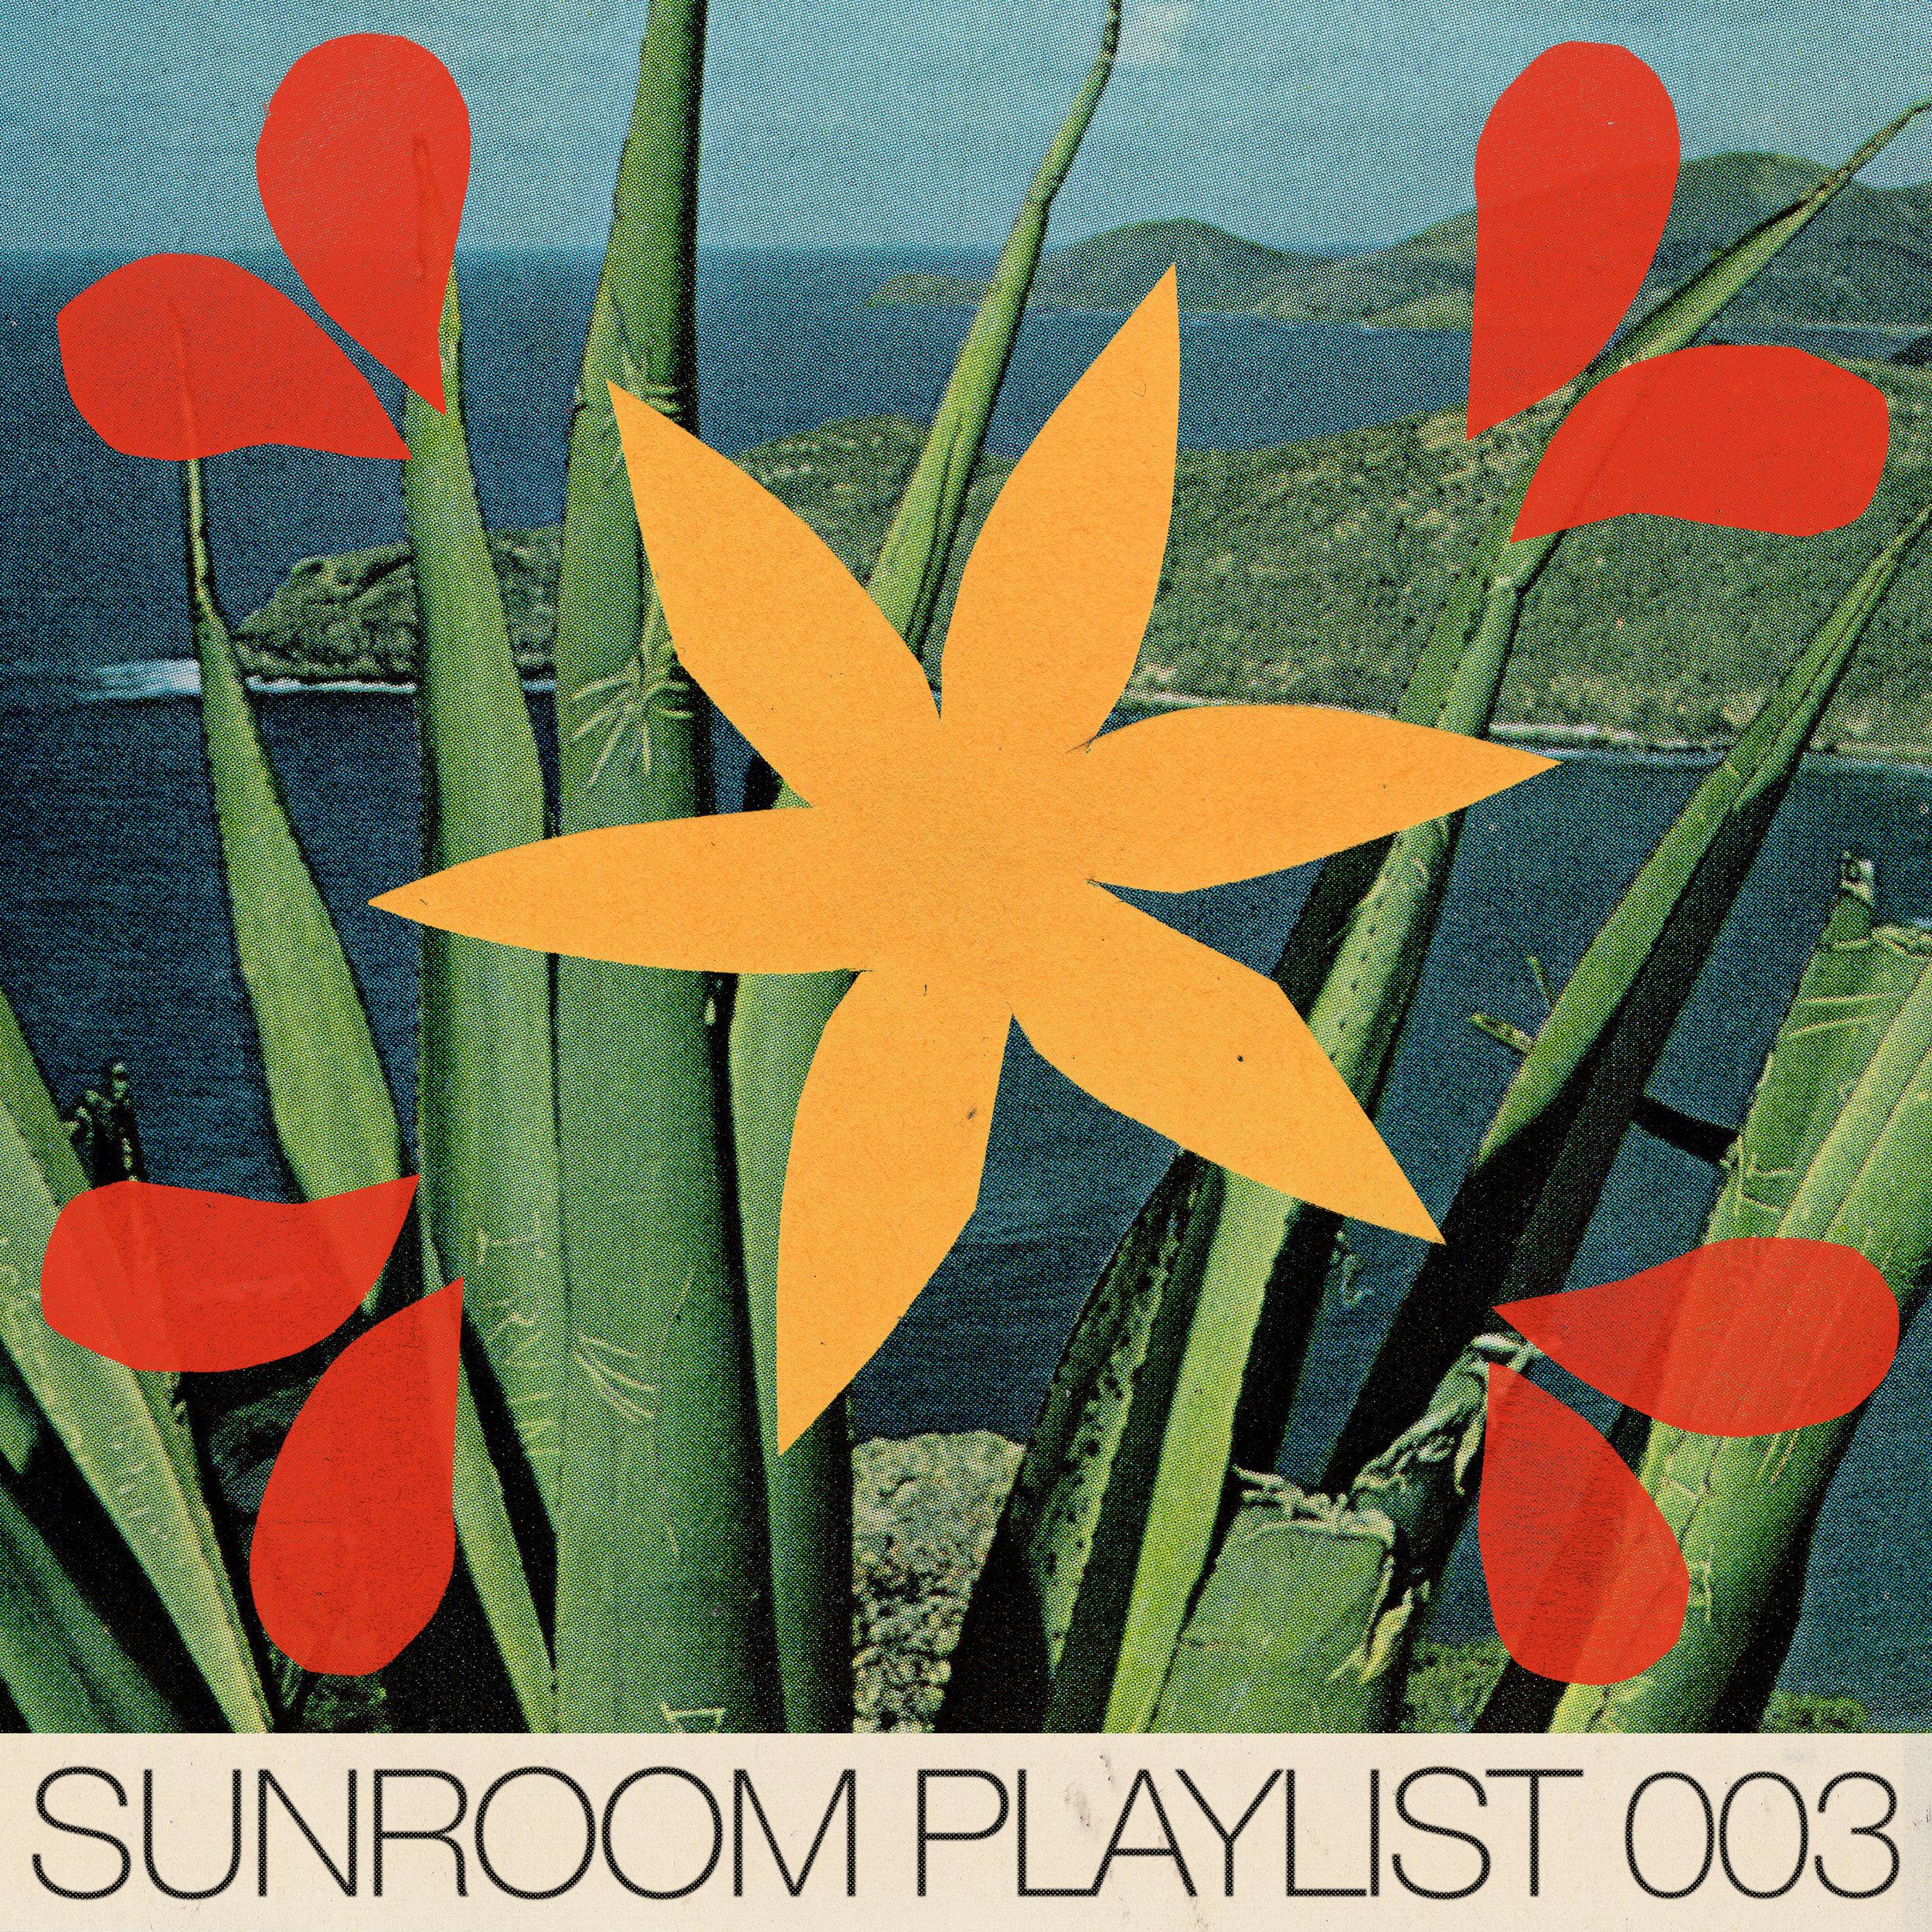 sunroom_playlist_003.jpg